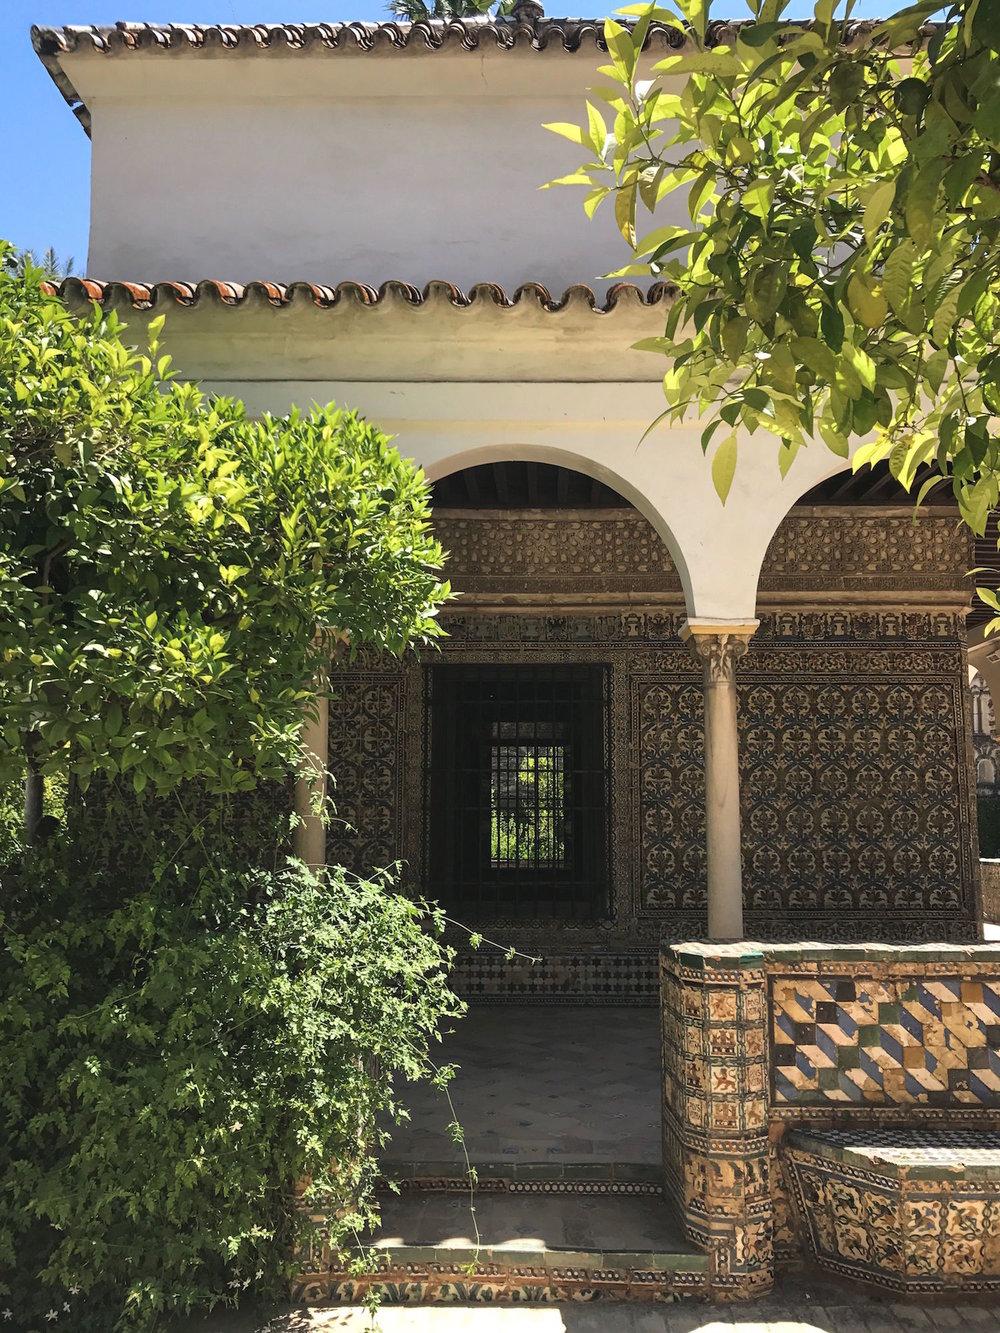 Alcazar Seville Spain garden building